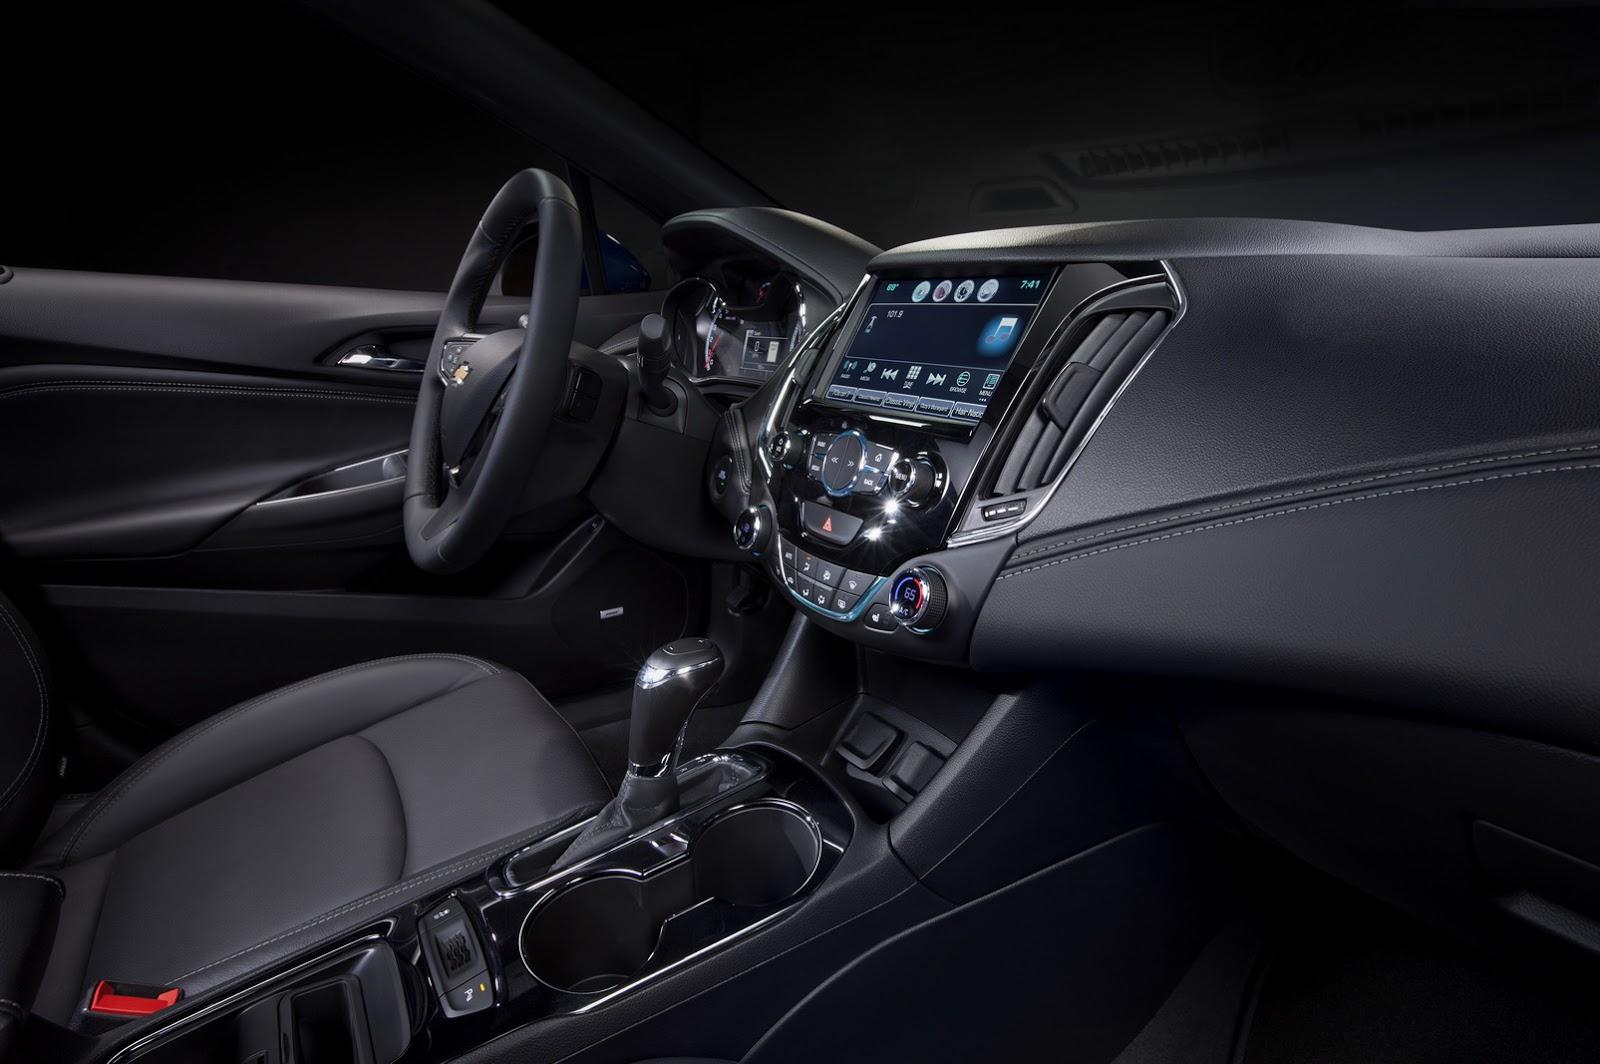 2016-Chevrolet-Cruze-11